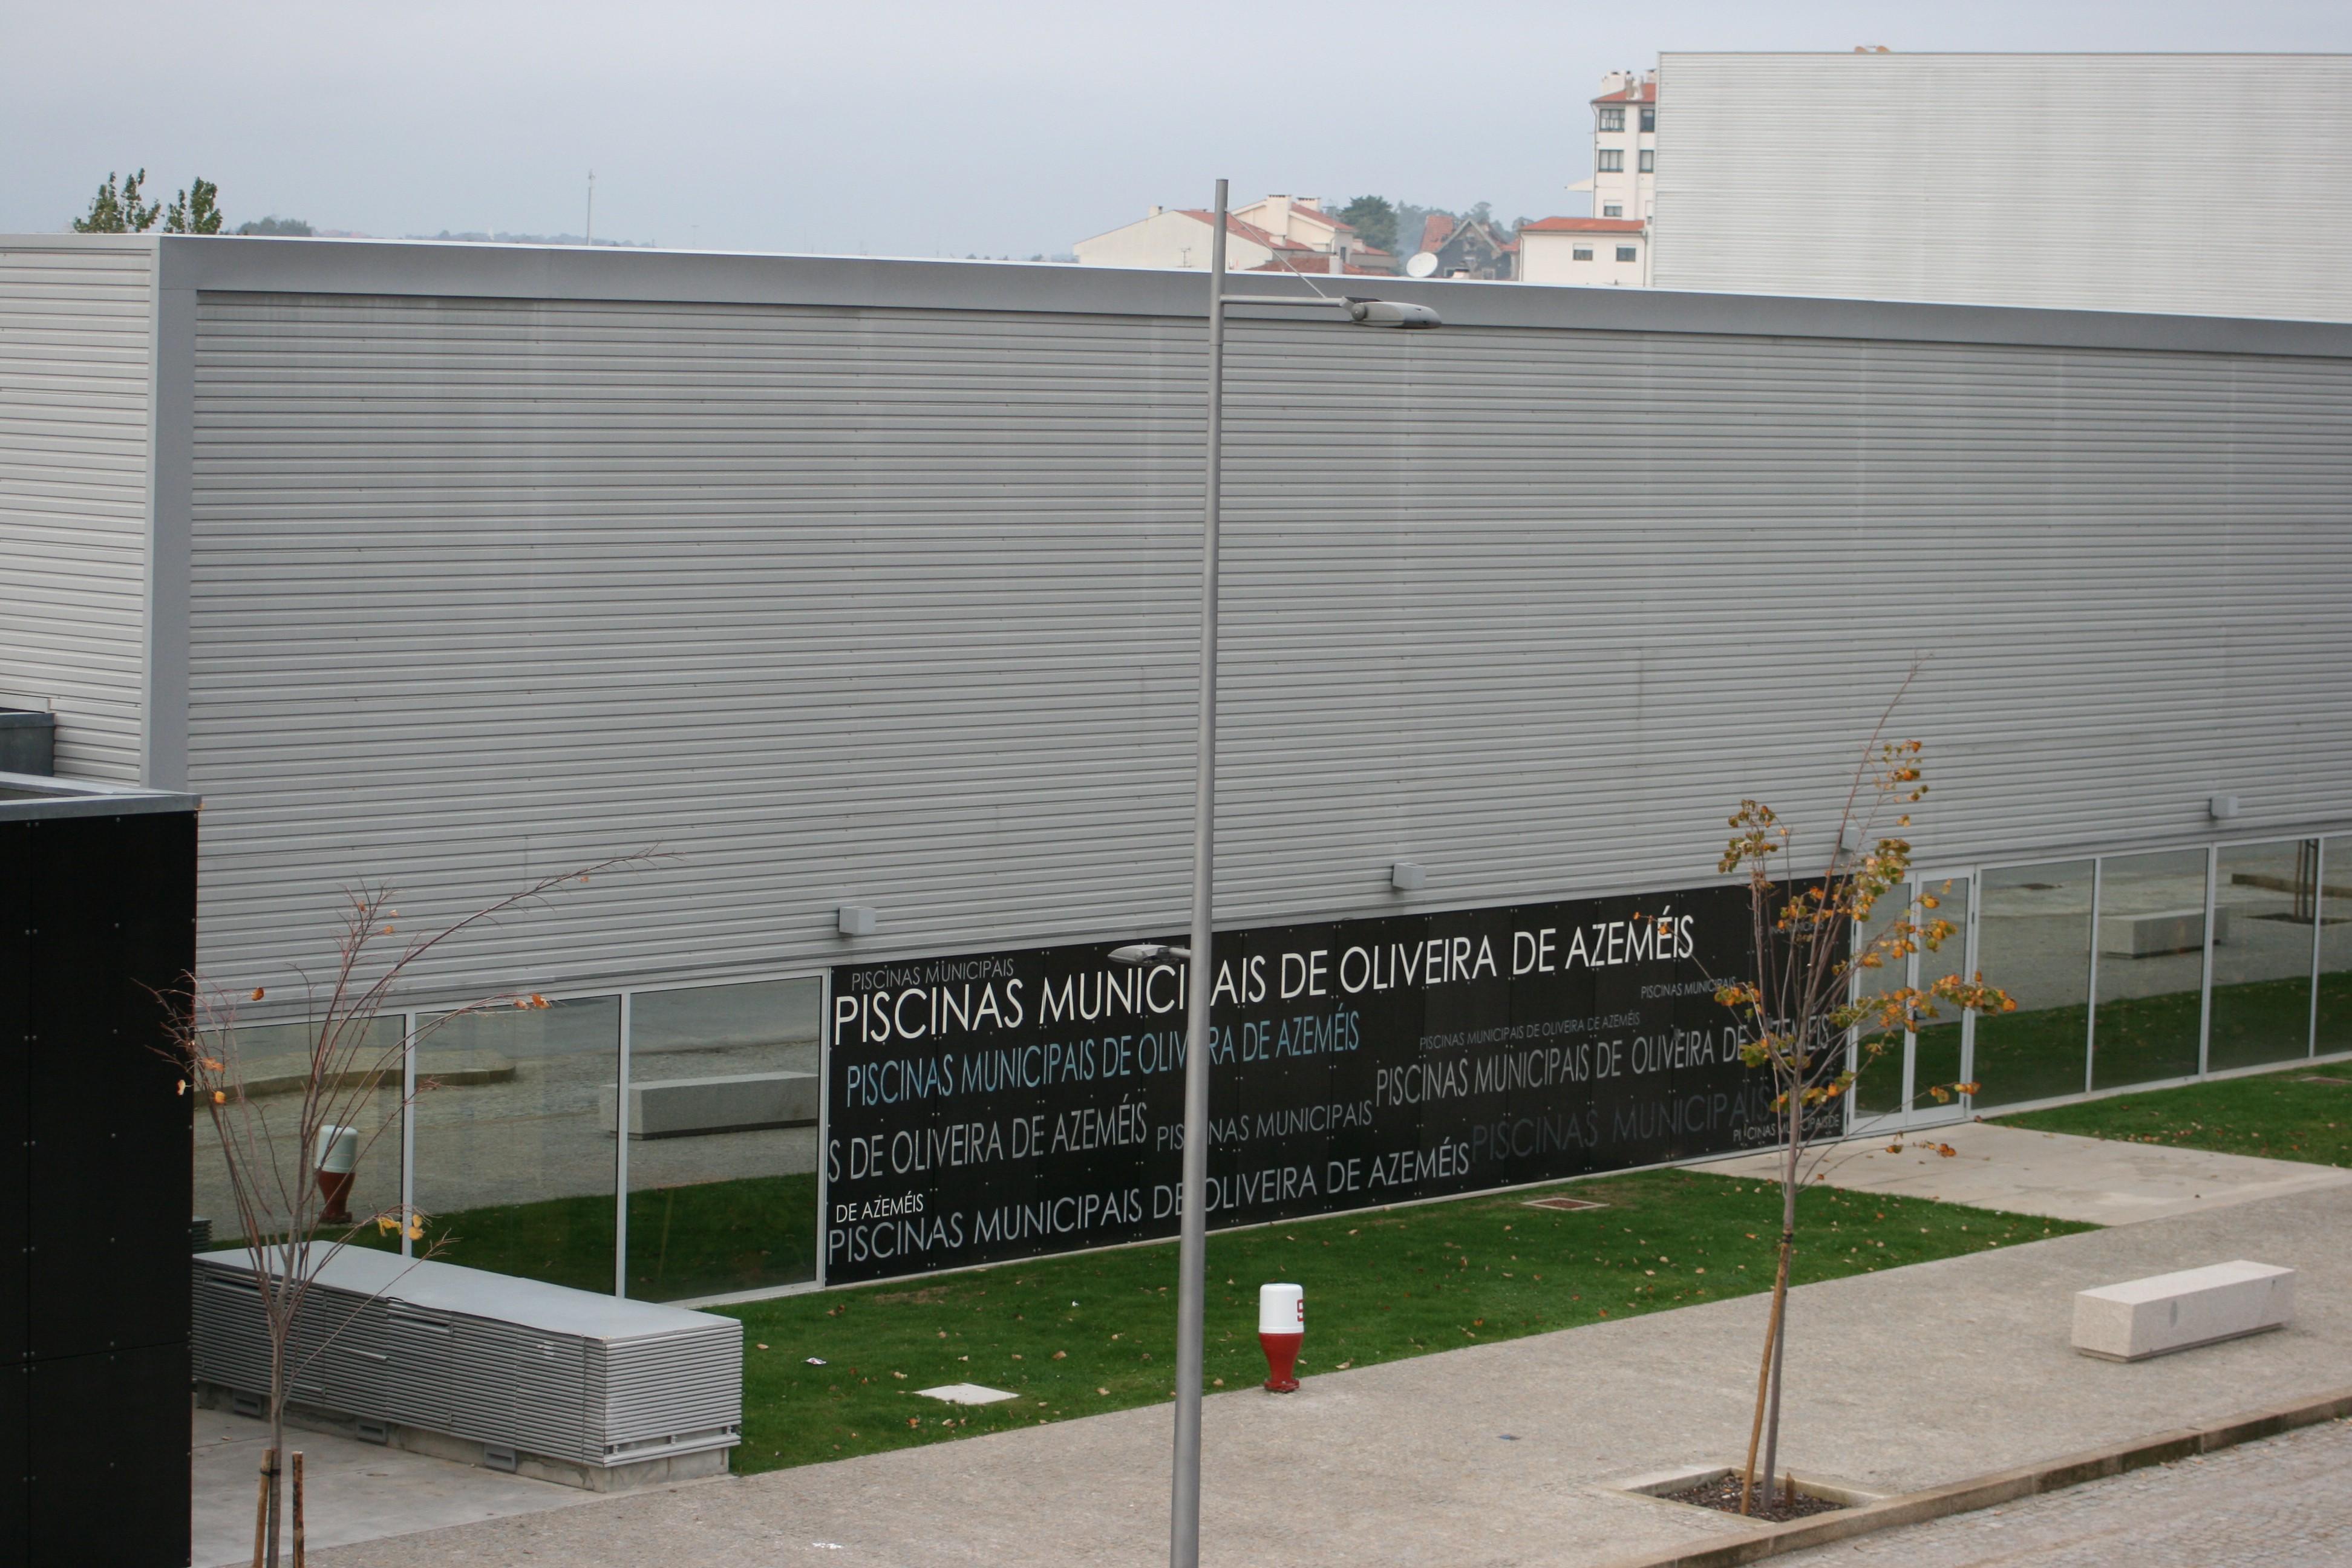 Piscinas municipais de Oliveira de Azeméis